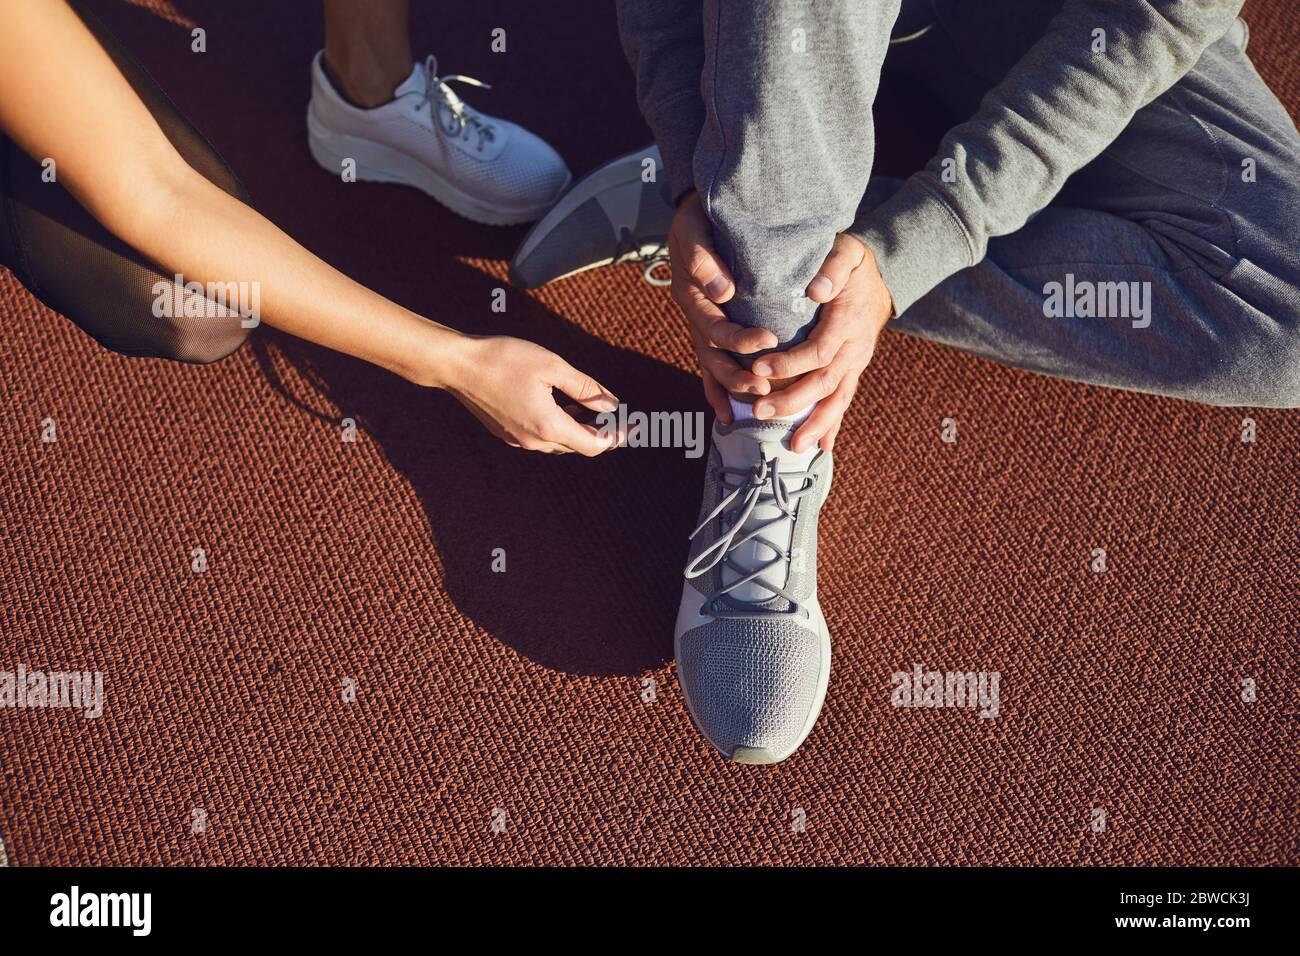 Knee injury in training.Man injured his leg during exercise. Stock Photo